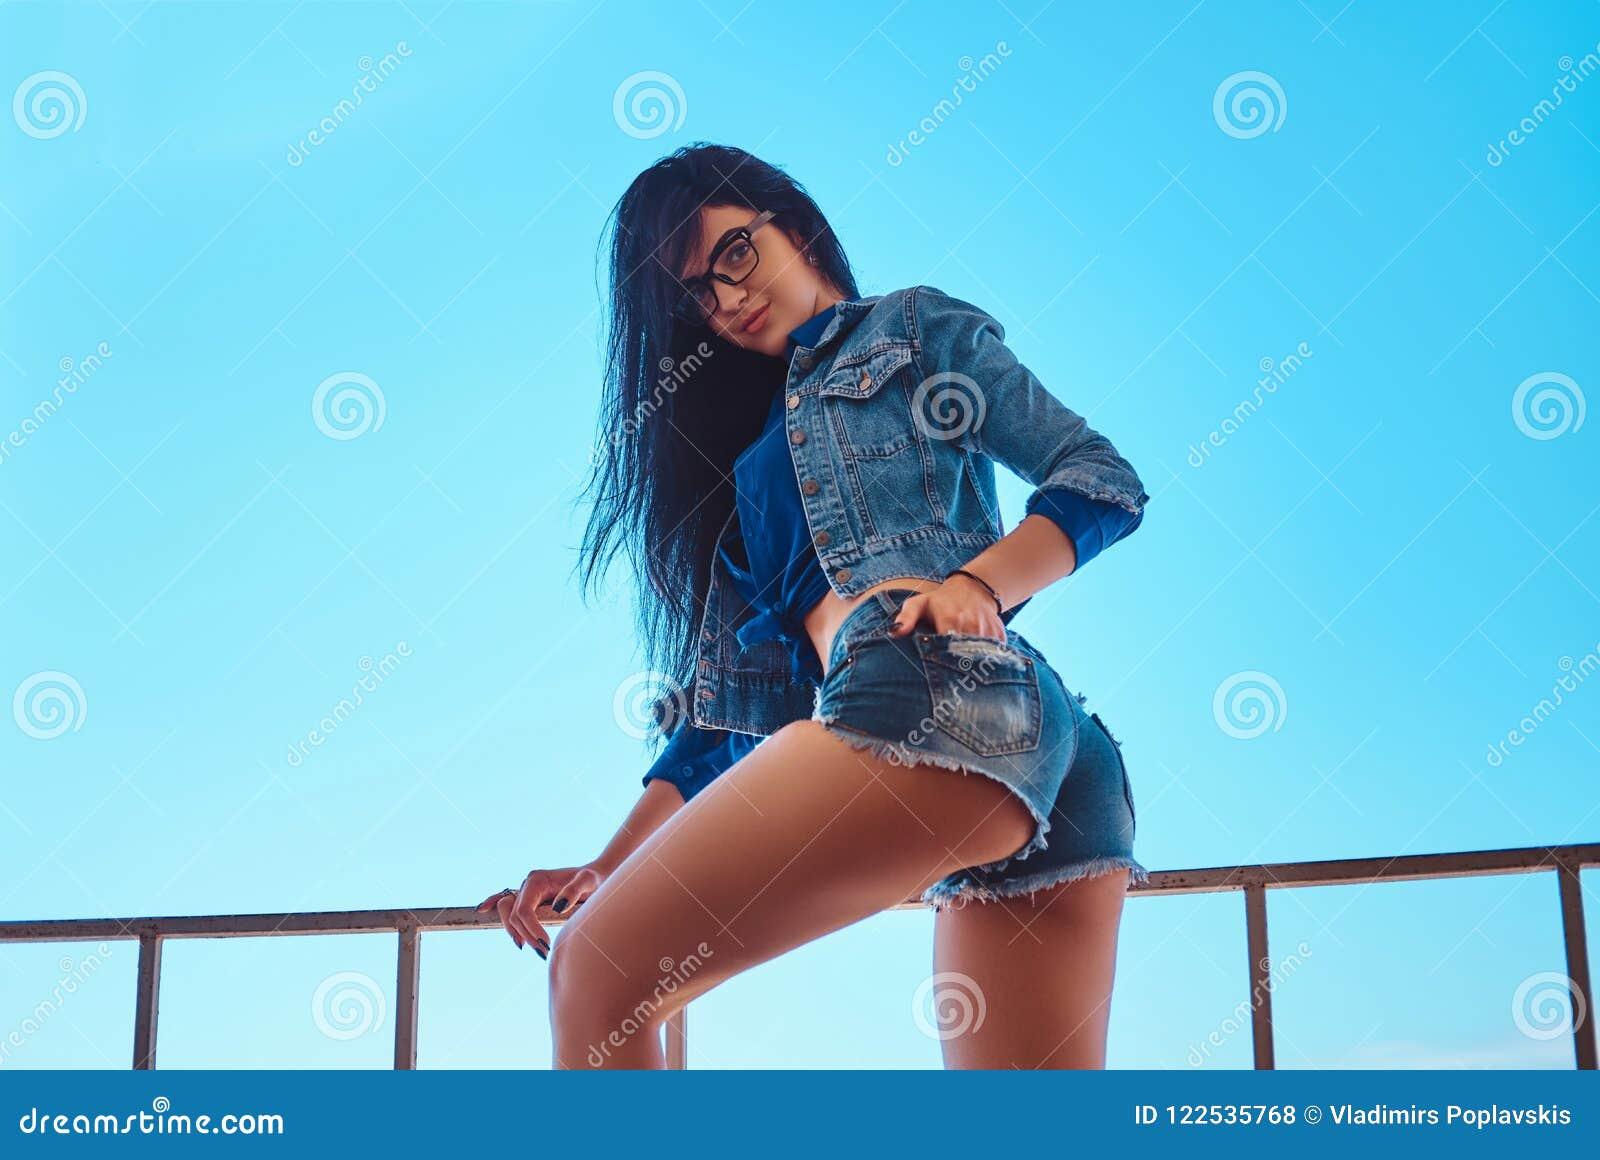 Krystal steal sex scene